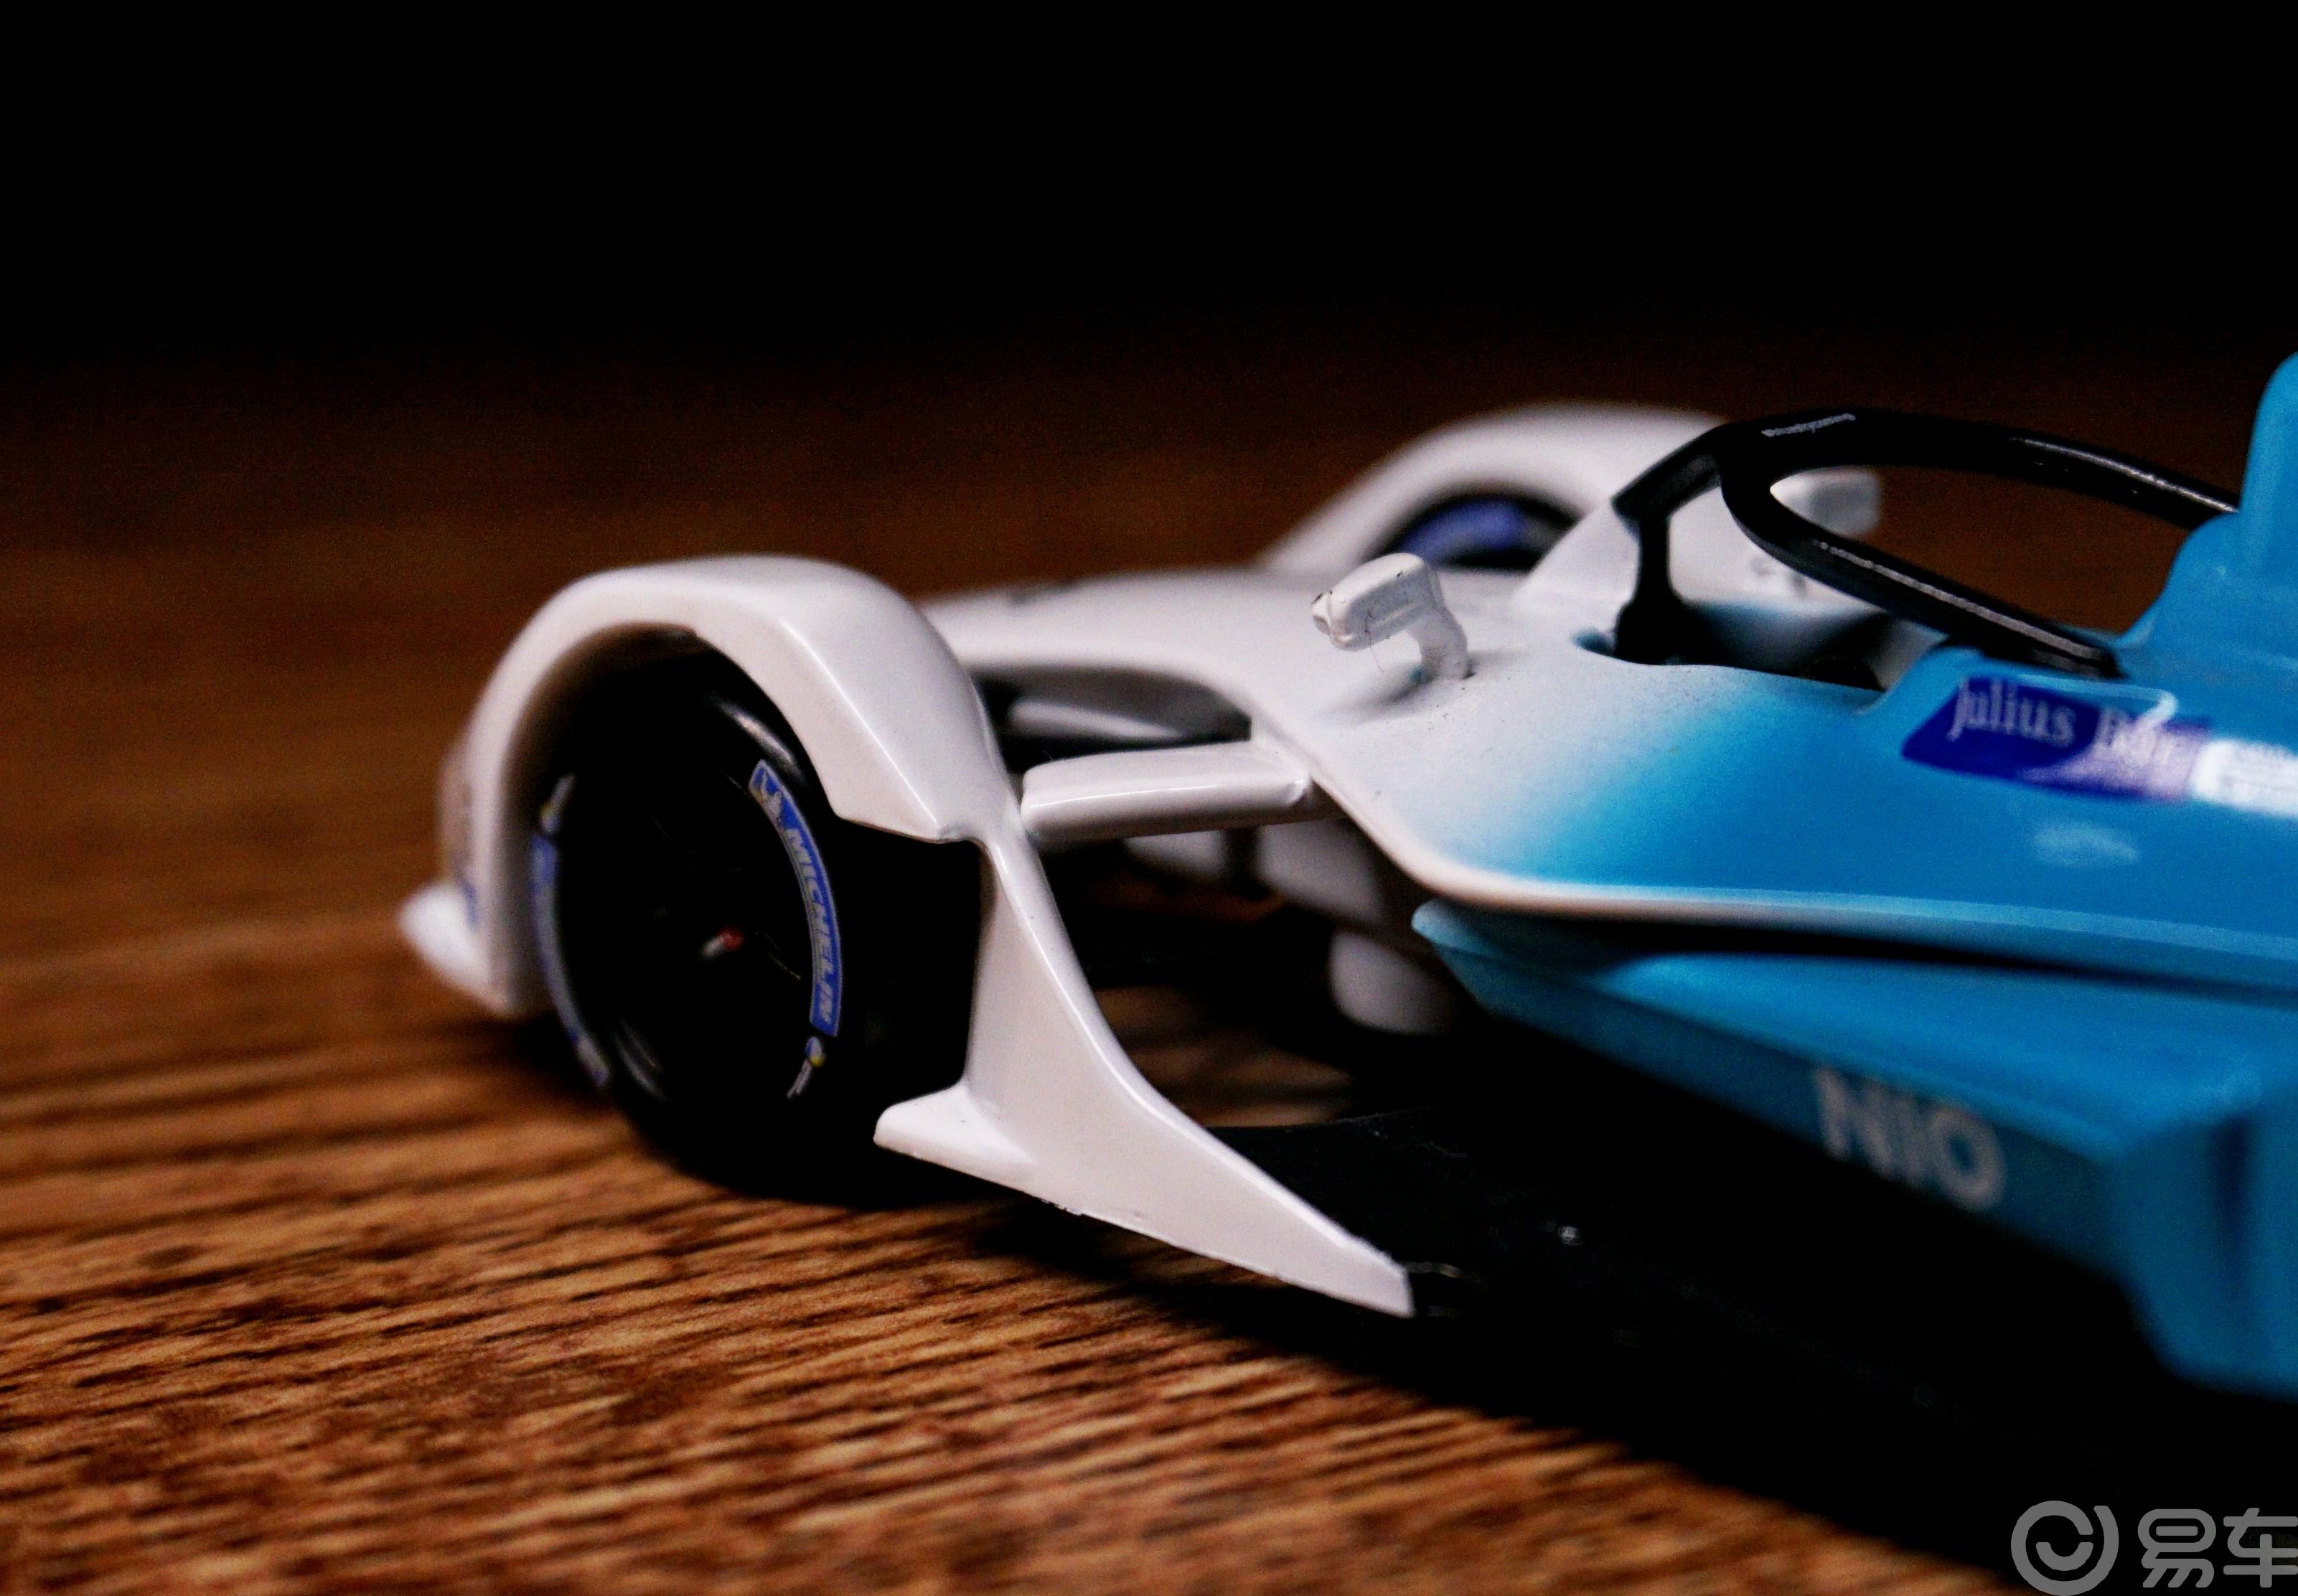 【巴蜀之国,易很精彩】秀出在电动化领域的实力---蔚来FormulaE车模欣赏。